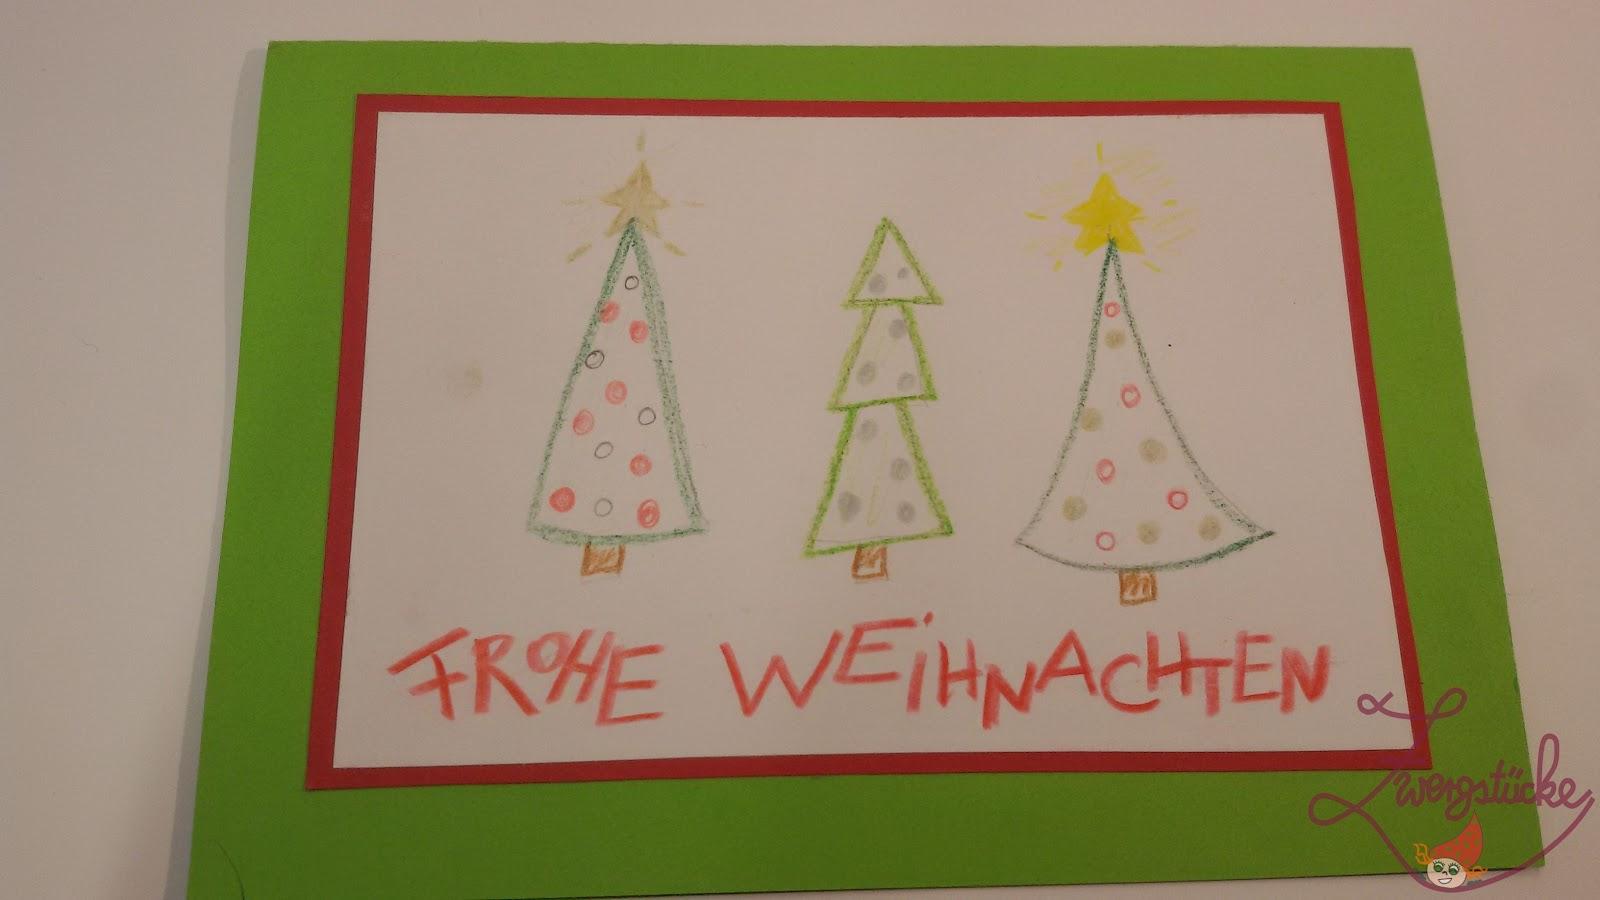 Zwergst cke basteln weihnachtskarten mit kindern gestalten - Weihnachtskarten basteln mit kindern ...